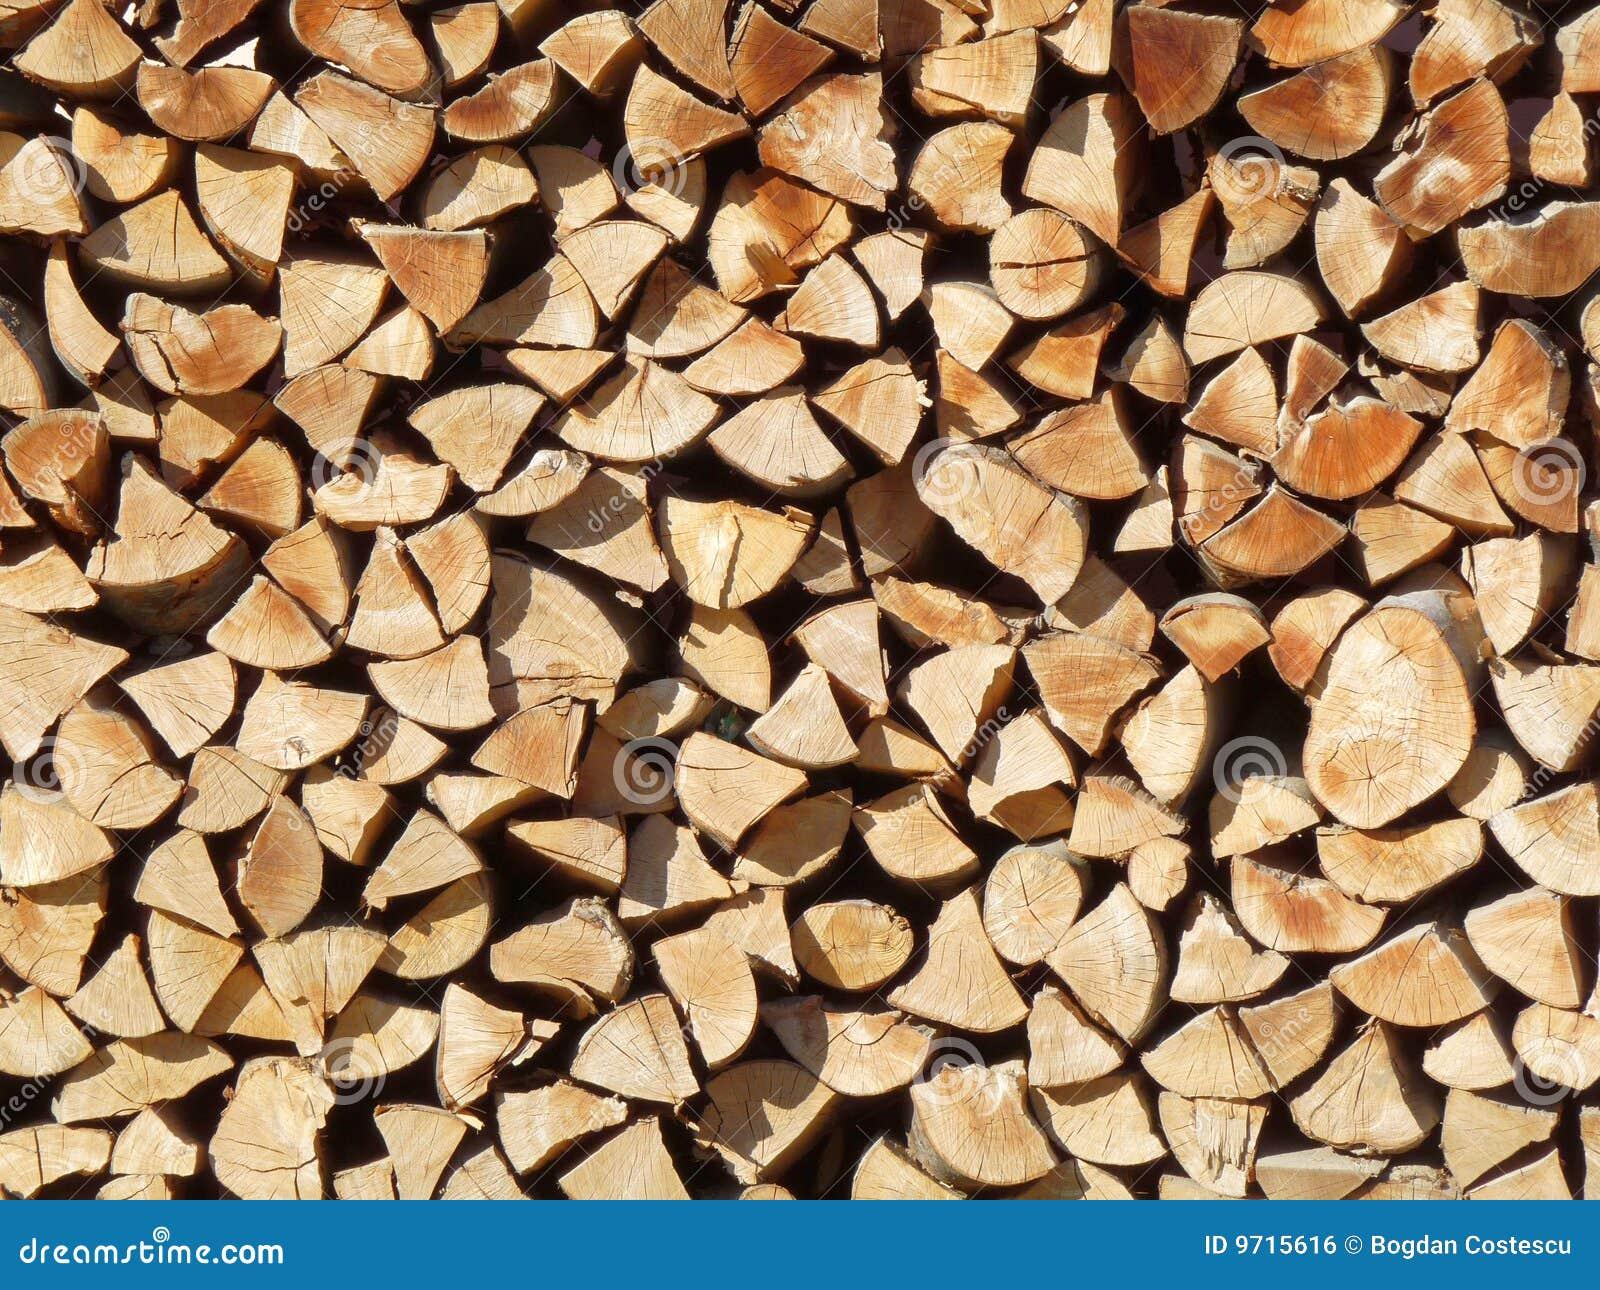 Wood Pile Royalty Free Stock Image Image 9715616